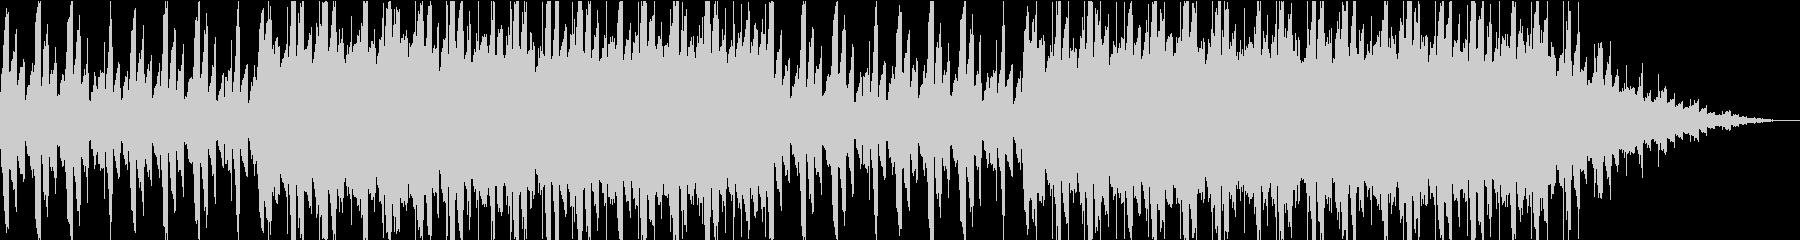 浮遊感。不思議。ピアノエレクトロニカの未再生の波形